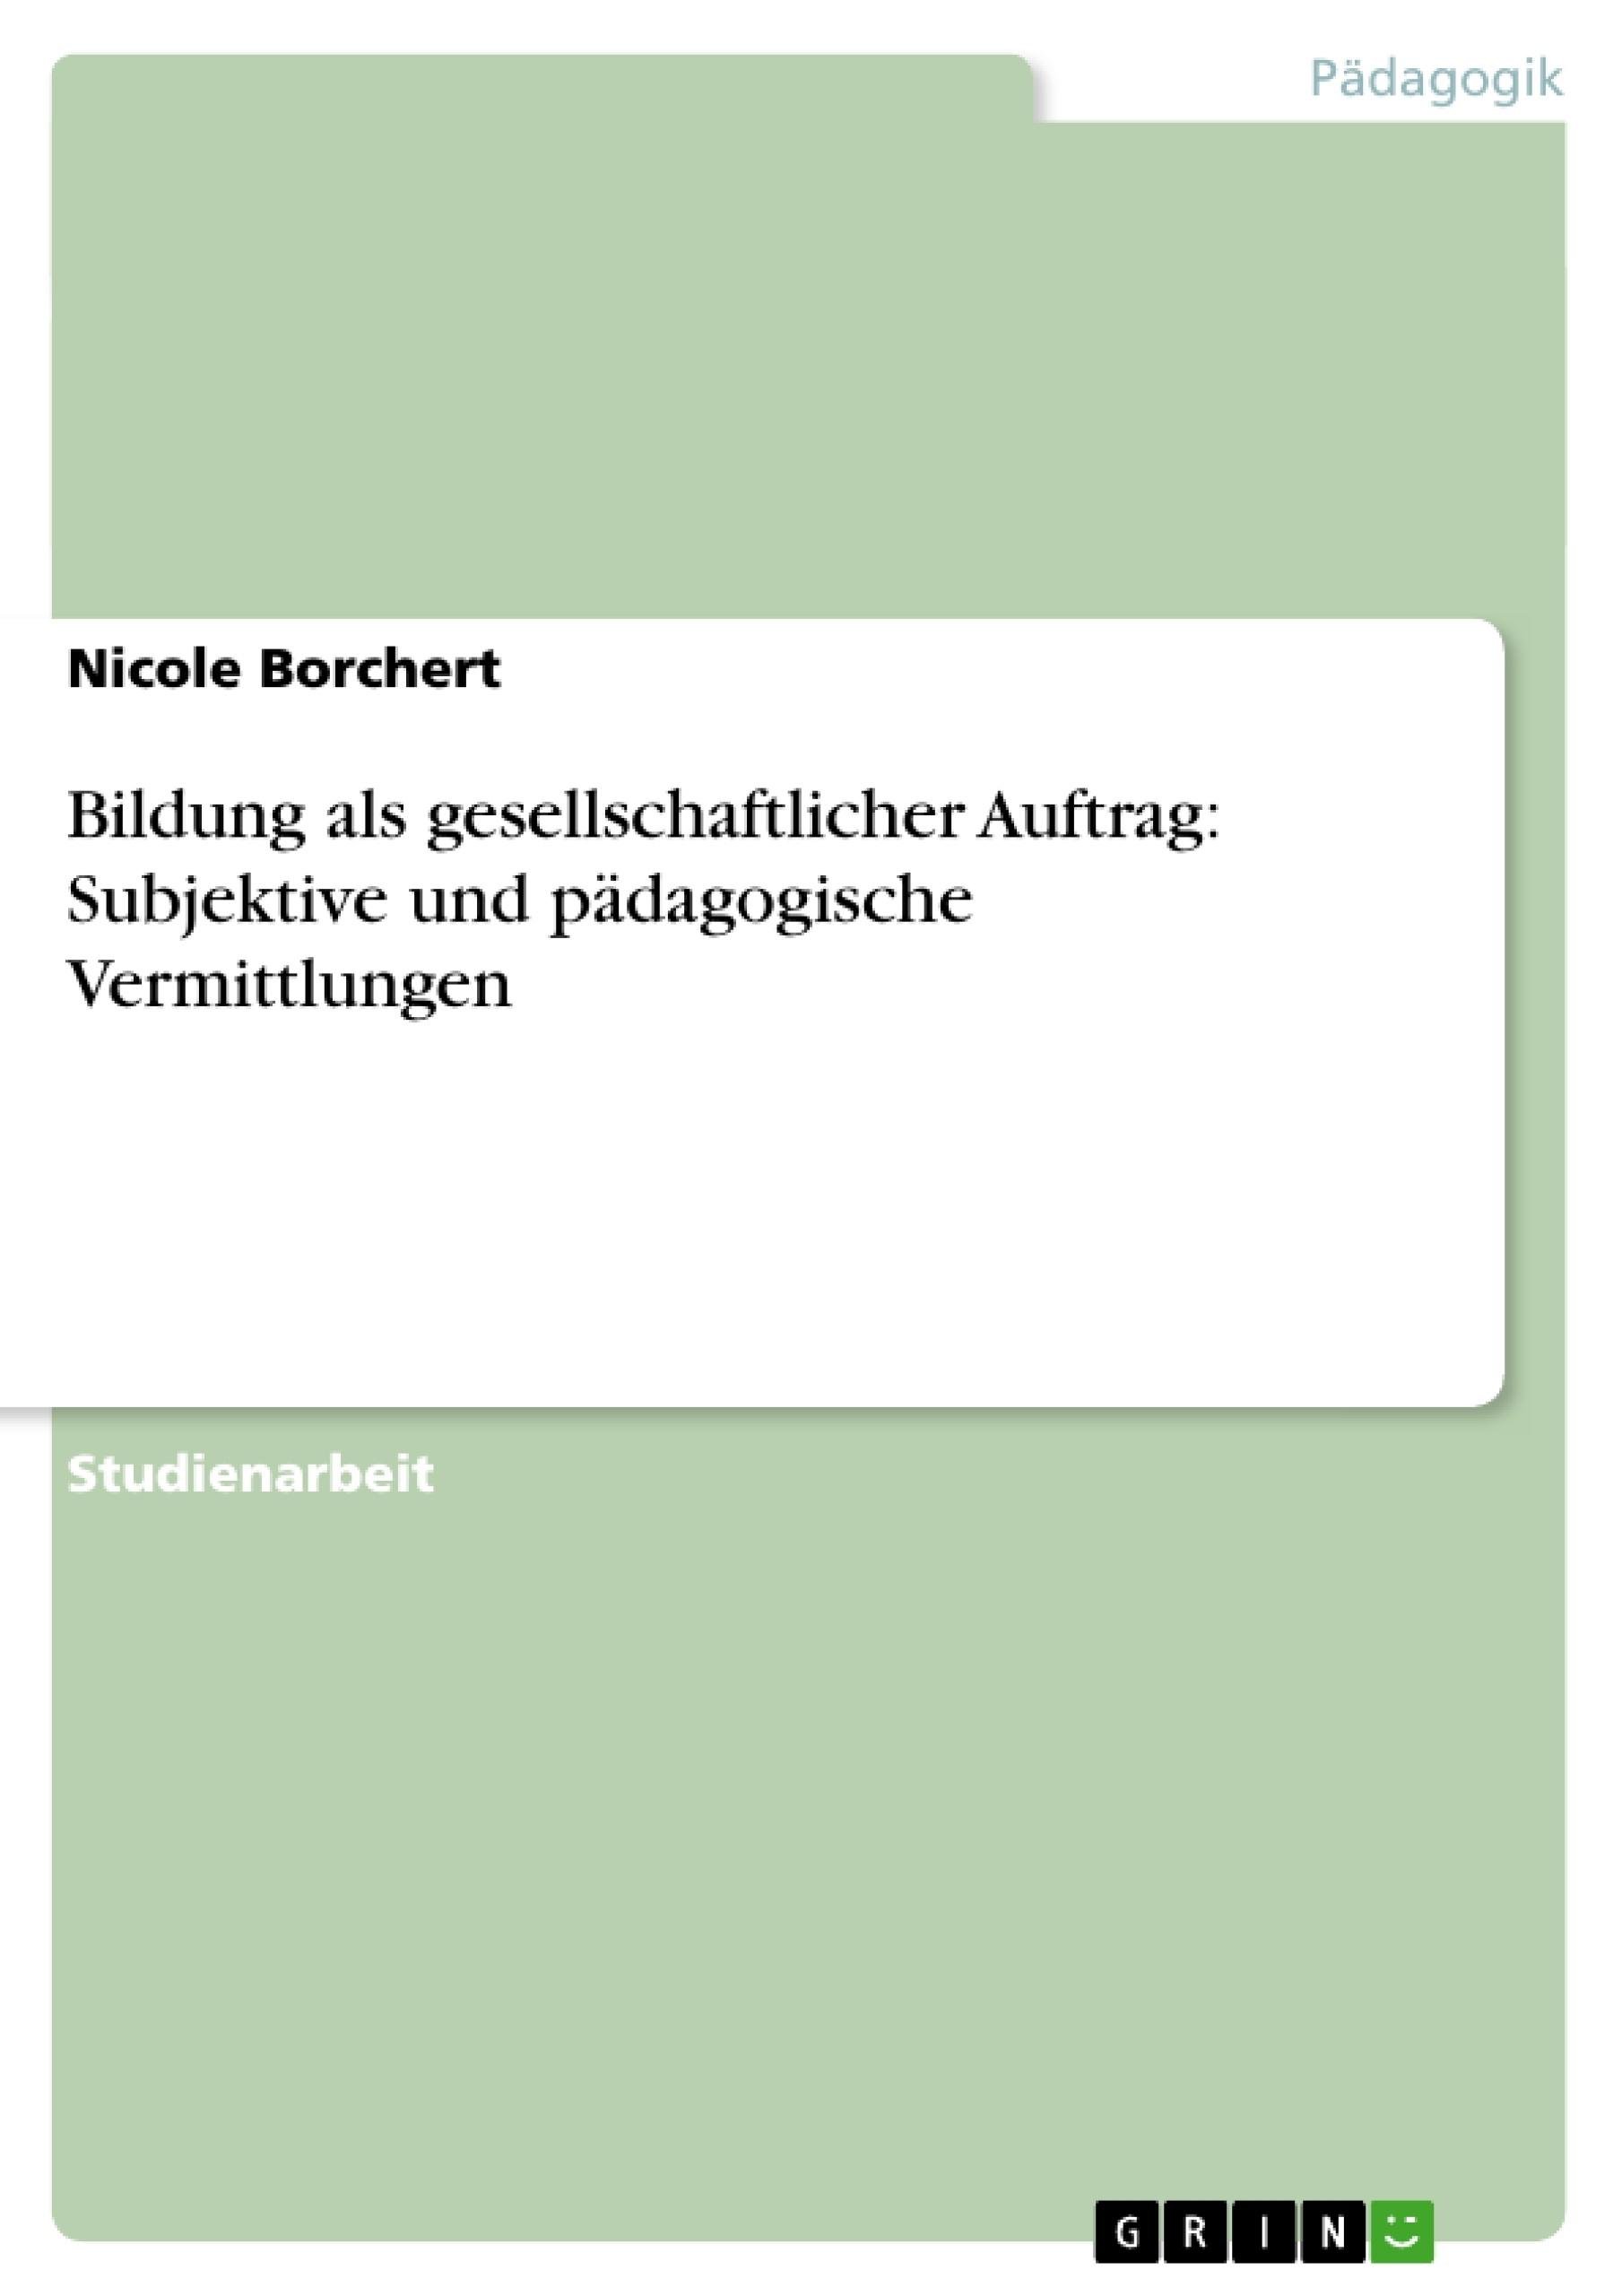 Titel: Bildung als gesellschaftlicher Auftrag: Subjektive und pädagogische Vermittlungen